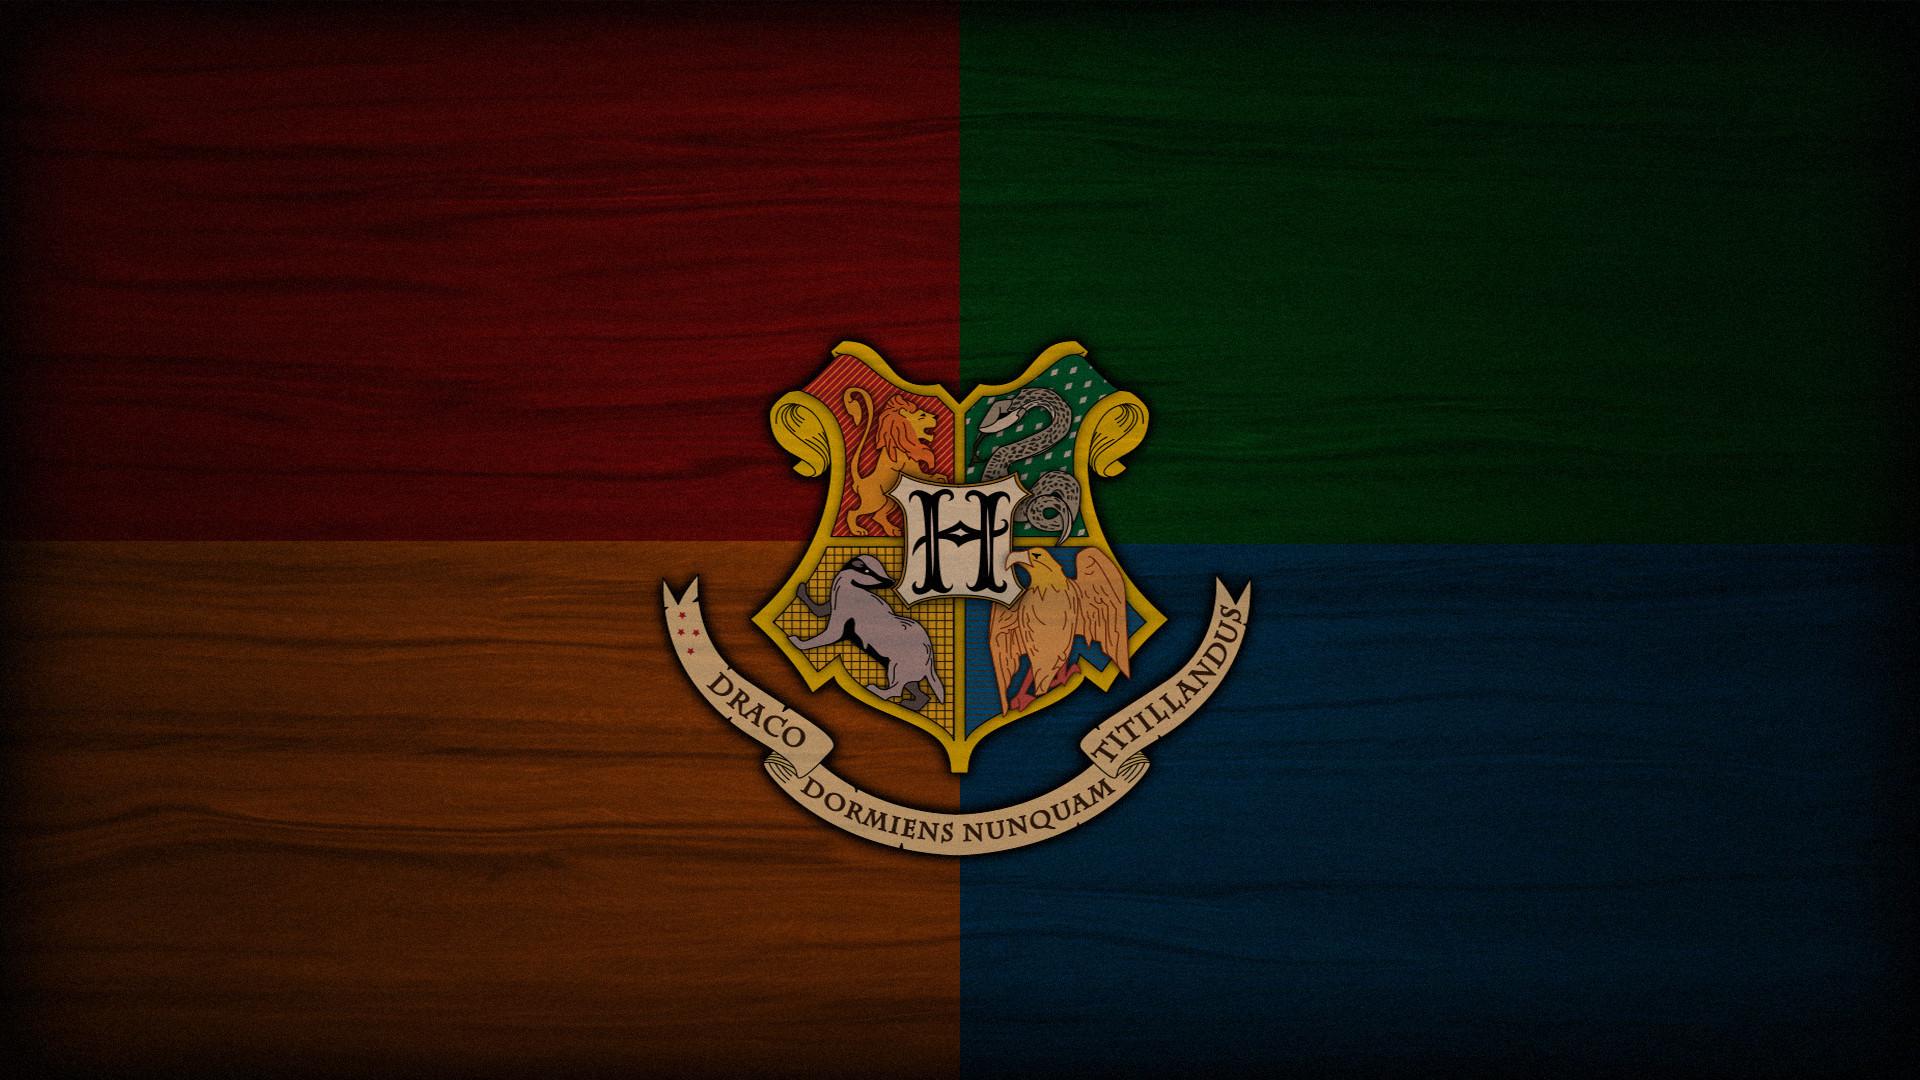 Hogwarts Crest Wallpaper